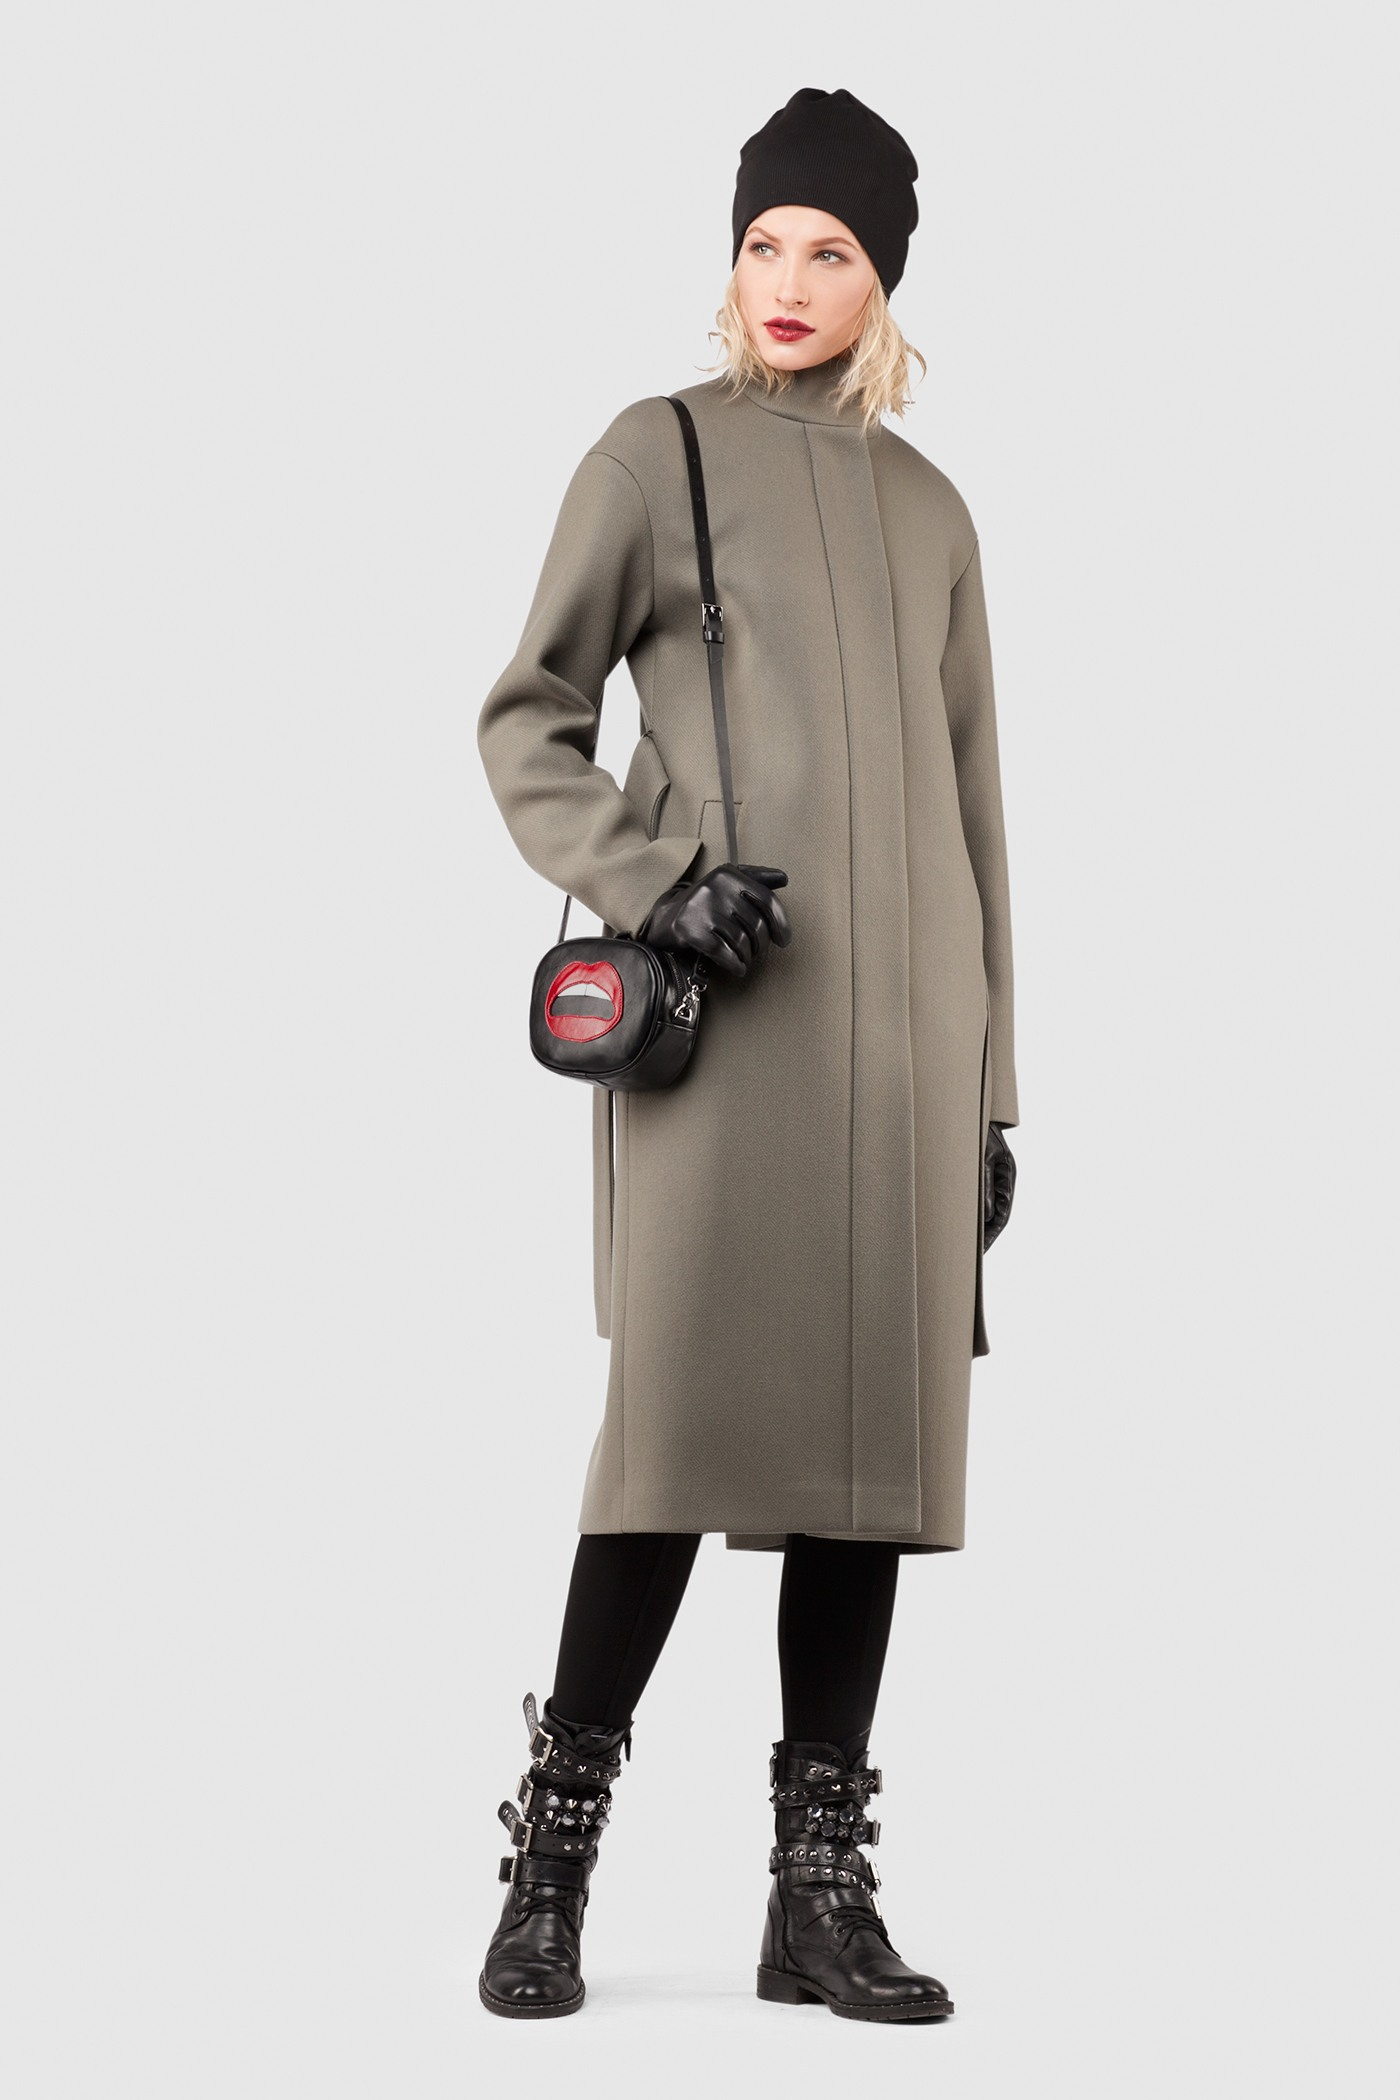 Пальто - ДУБЛИН (10.0)Пальто<br>Эффектное длинное пальто с воротником стойкой&#13;<br>&#13;<br>Пальто DUBLIN (Дублин) прямого, не приталенного силуэта с воротником стойкой. Застежка на пришивные кнопки. Карманы с широкой листочкой несколько смещены к боковому шву. Линия плеча расширена и опущена. Конструкция без подплечников. Модель подходит для всех типов фигур - А, Т, О-образных.&#13;<br>&#13;<br>&#13;<br>рекомендуемая сезонность: осень, весна, теплая зима&#13;<br>&#13;<br>?пояс в комплекте&#13;<br>&#13;<br>кнопки-магниты вместо пуговиц&#13;<br>&#13;<br>длина по спинке размера S при росте 164-170 см: 111 см&#13;<br>&#13;<br>модель пальто на рост 164-170 см. Размер и другие нюансы уточняются при заказе, мы с вами связываемся по указанному вами номеру телефона&#13;<br>&#13;<br>&#13;<br>Если у вас остались вопросы, пишите нам на электронную почту ASYAMALBERSHTEIN@GMAIL.COM или звоните по номеру +7 (812) 649-17-99, мы постараемся ответить на ваши вопросы и помочь определиться вам с выбором или размерной сеткой наших изделий.<br><br>Цвет: Оливковый<br>Размер: L, XL, S, XXS, XS, M<br>Ростовка: 152 - 158, 158 -164, 164 -170, 170 -176, 176 -182